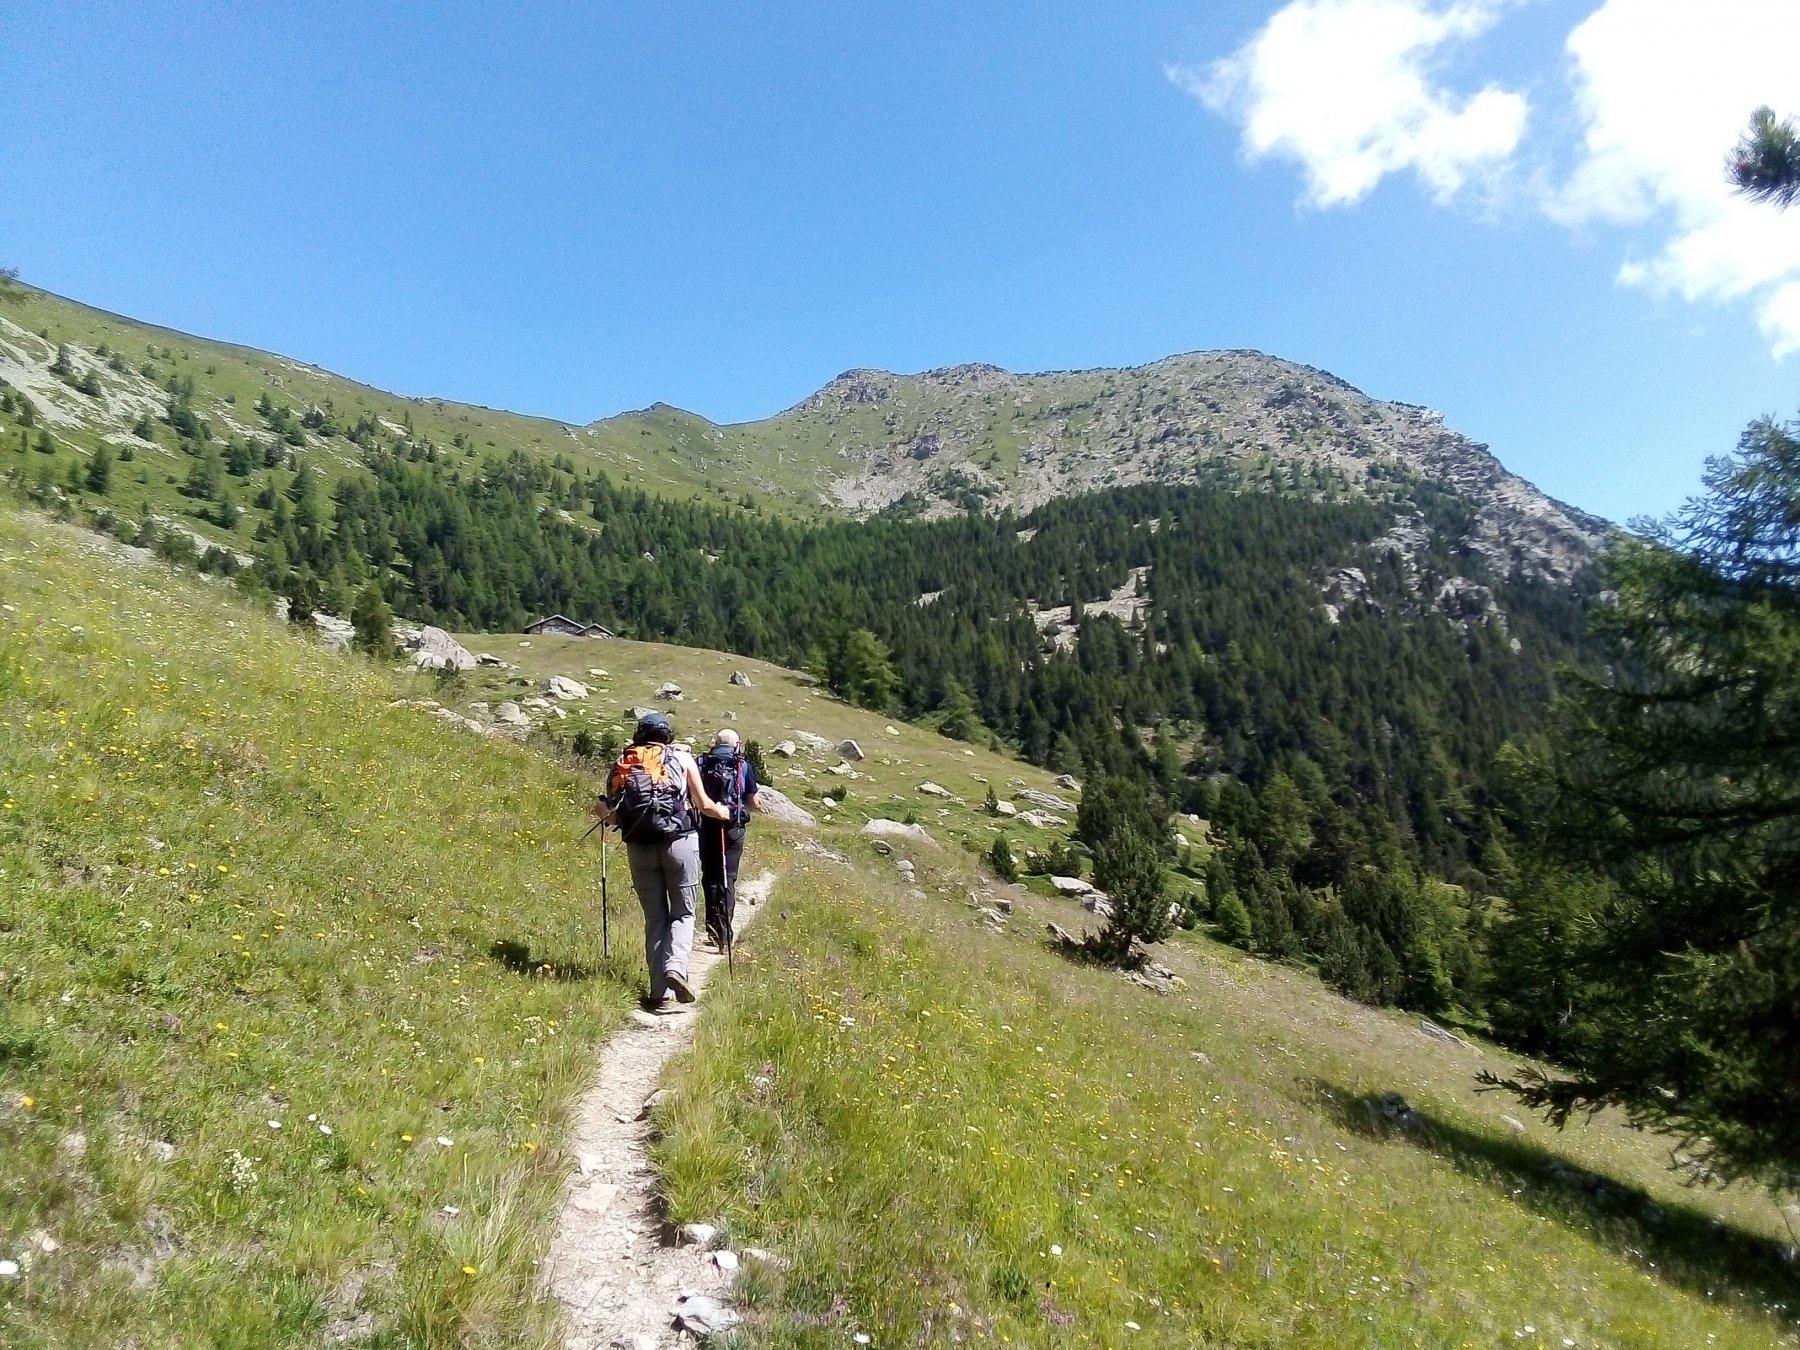 In centro la cima vista nel tratto fra i due alpi, appena fuori dal bosco.